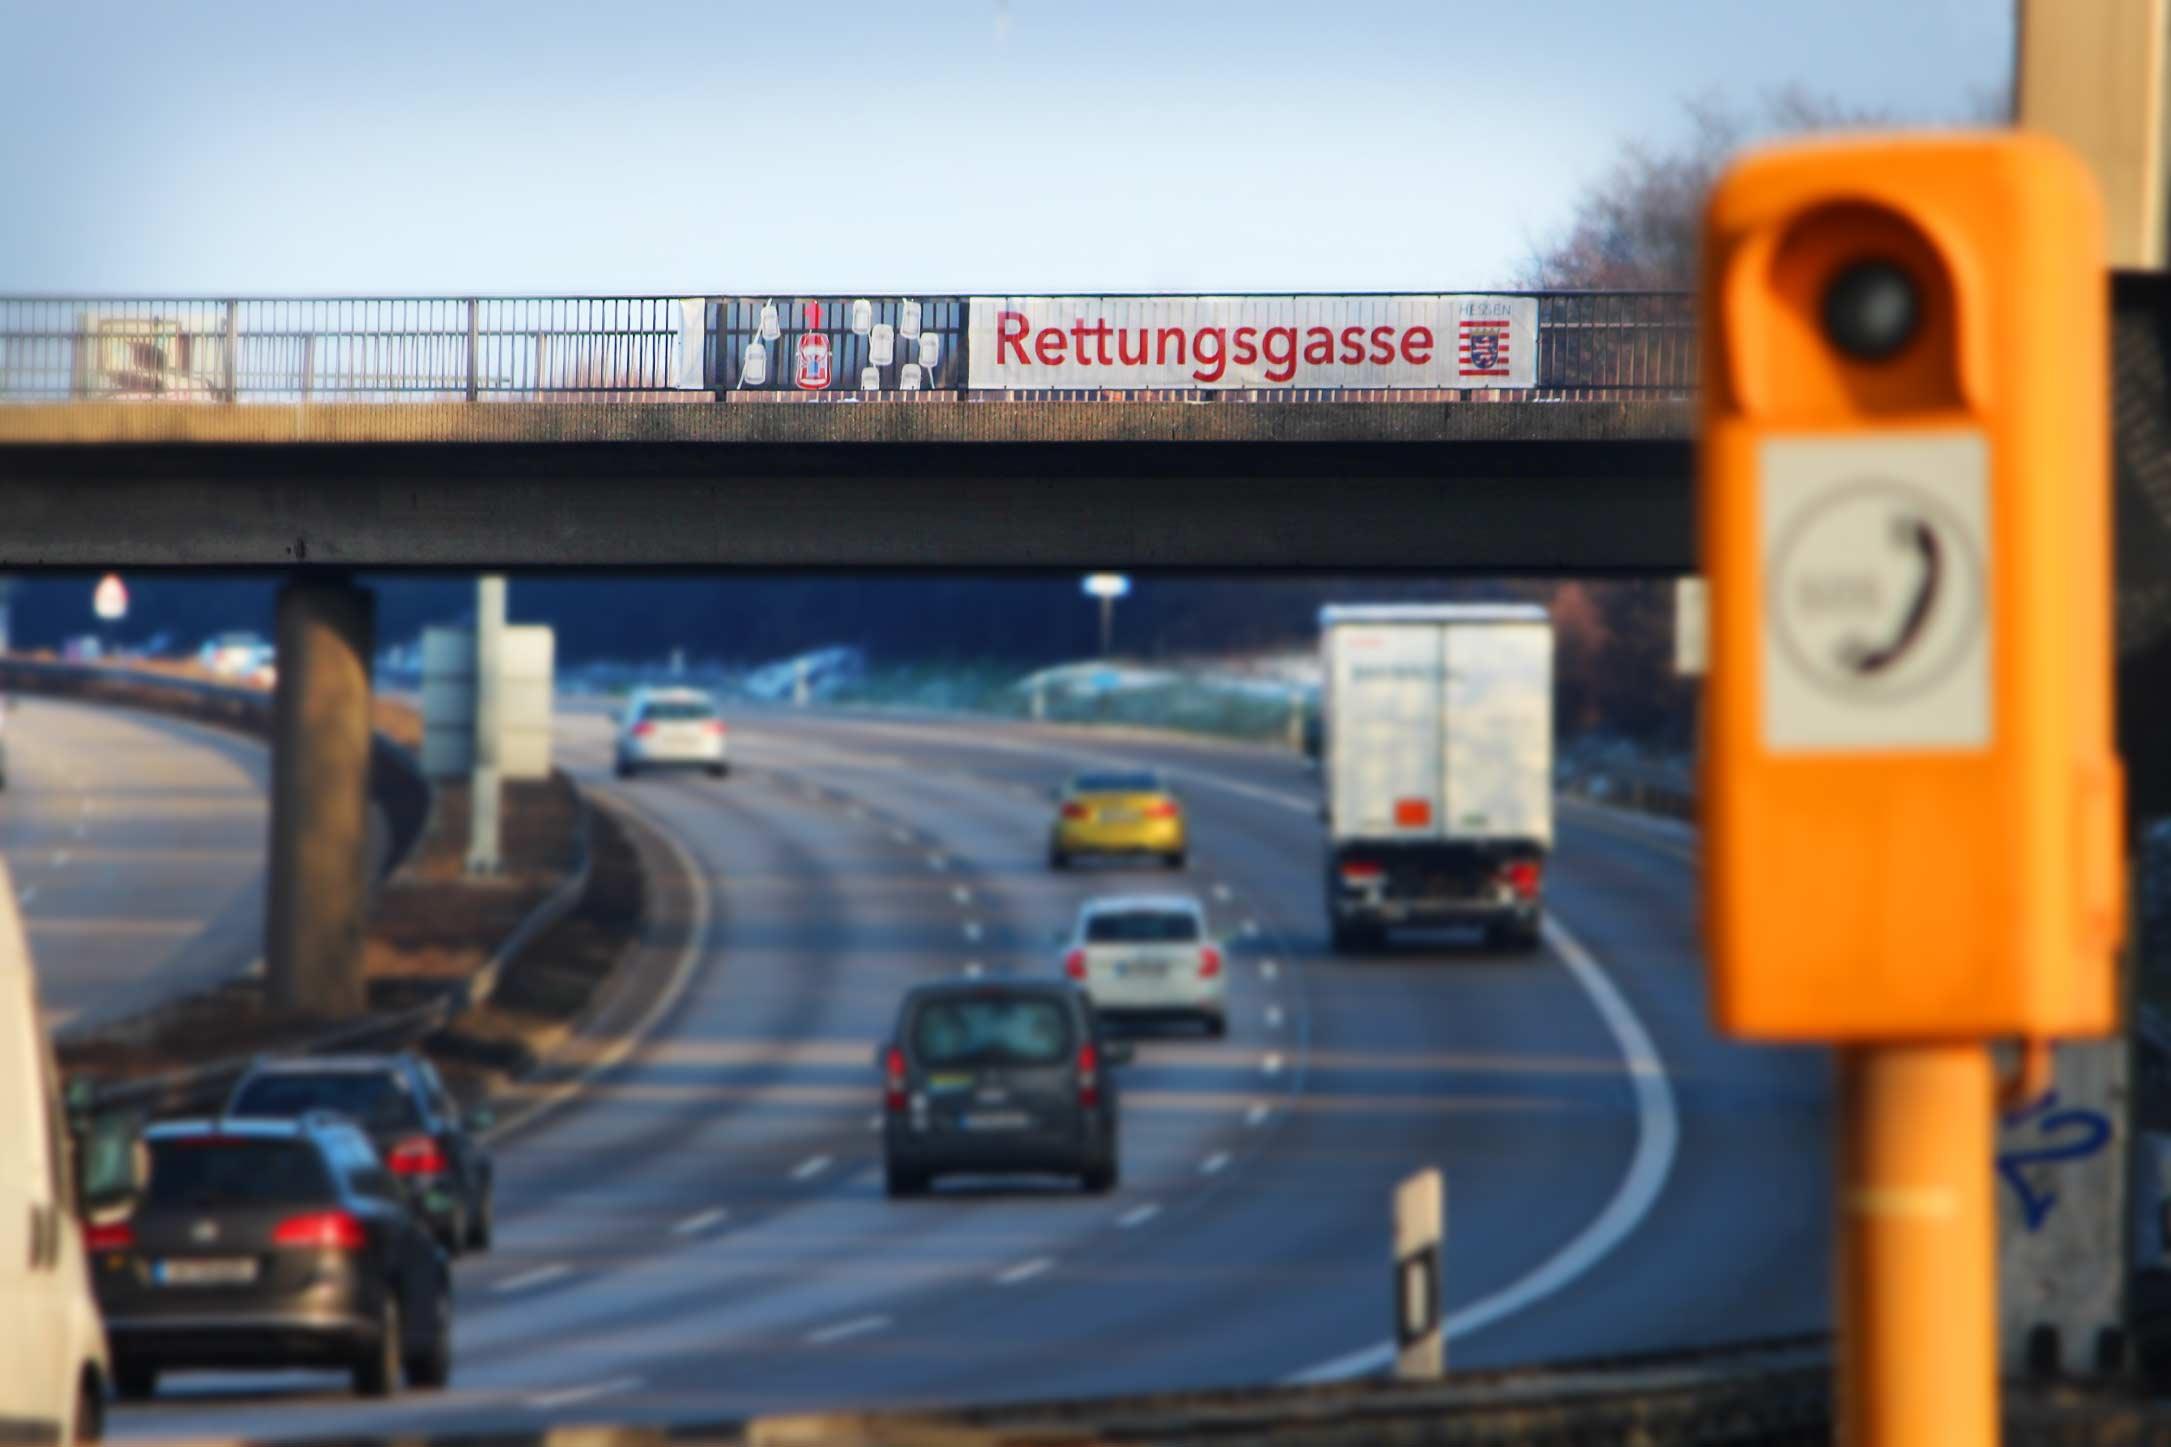 Rettungsgasse-Banner an einer Brücke über der Autobahn